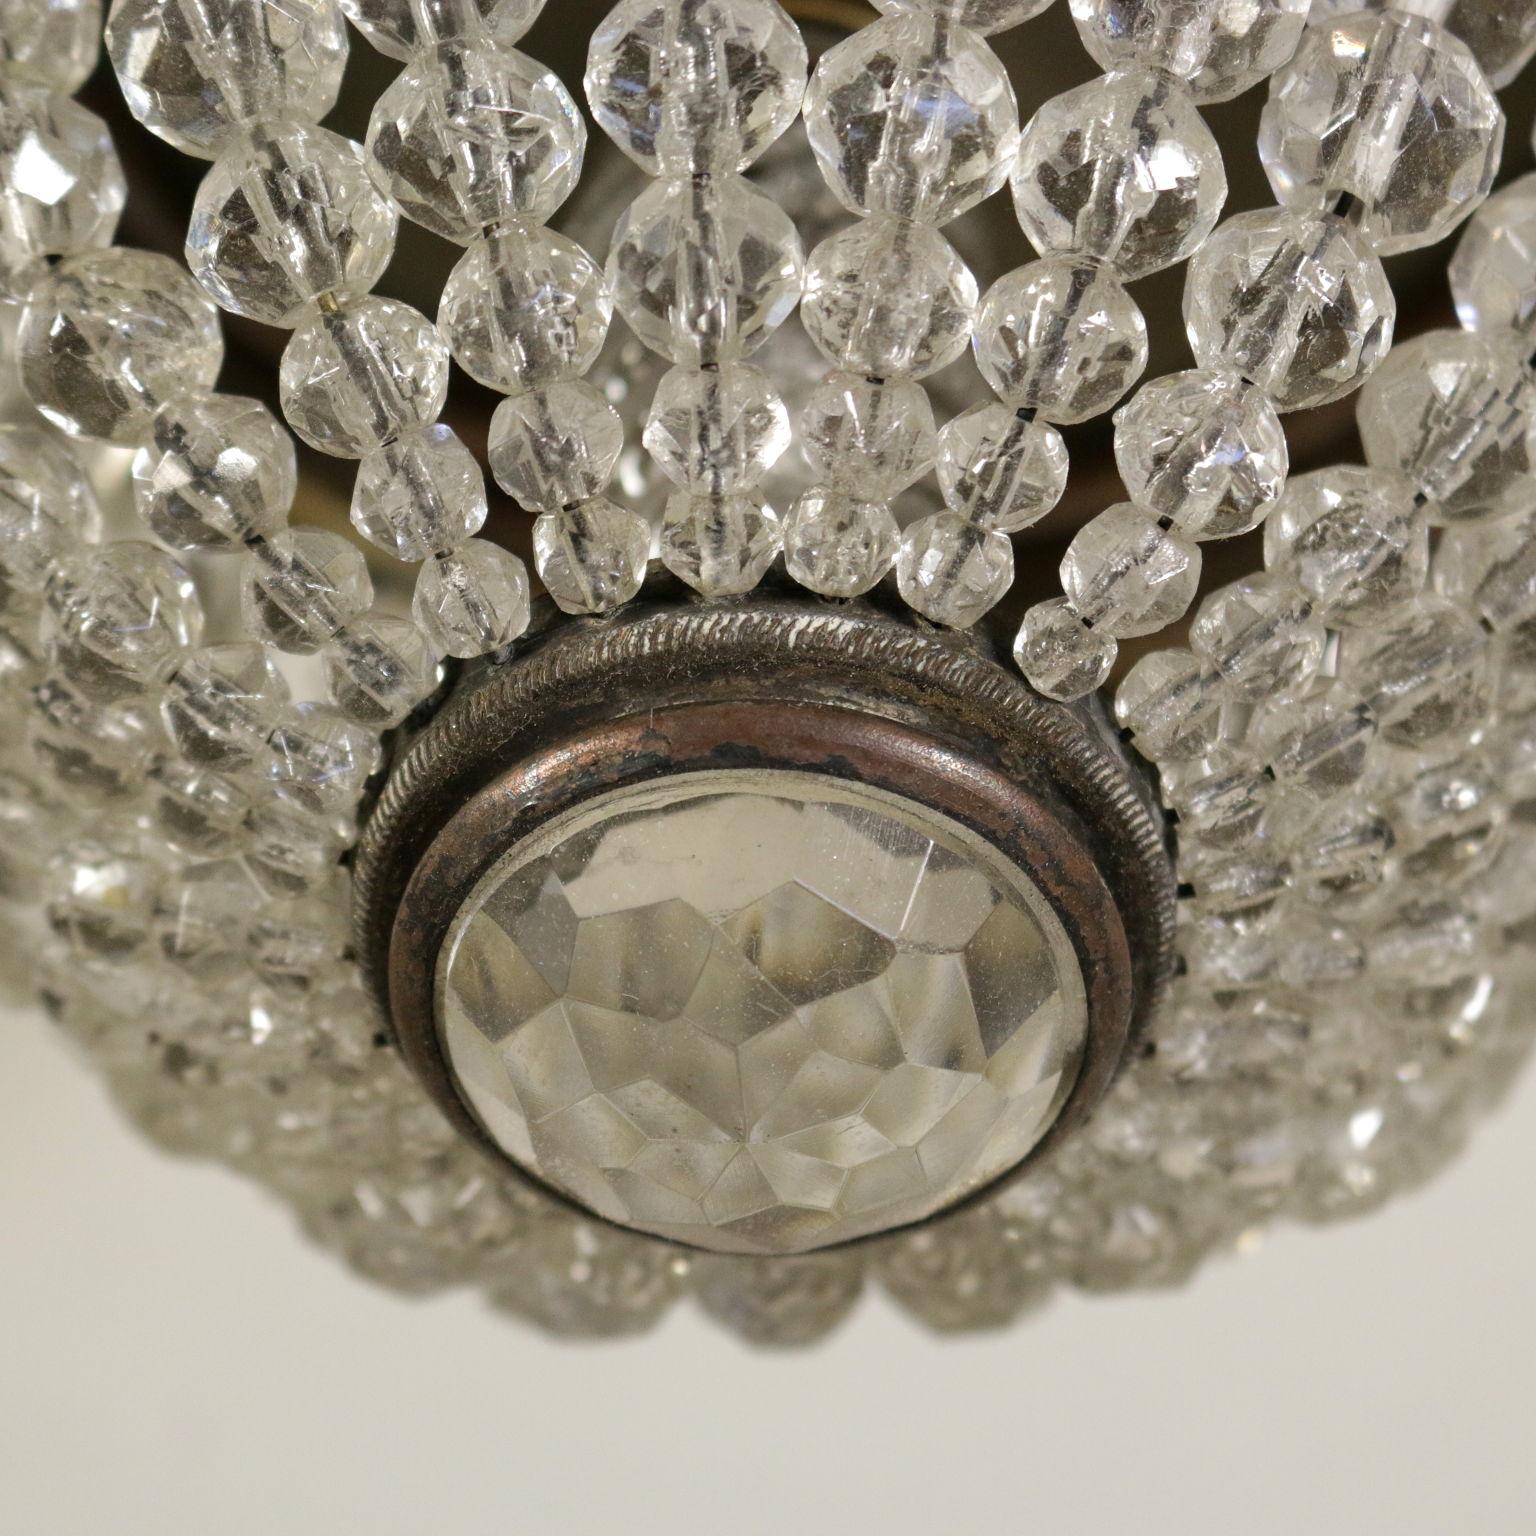 Lampade a soffitto illuminazione bottega del 900 for Lampade a soffitto